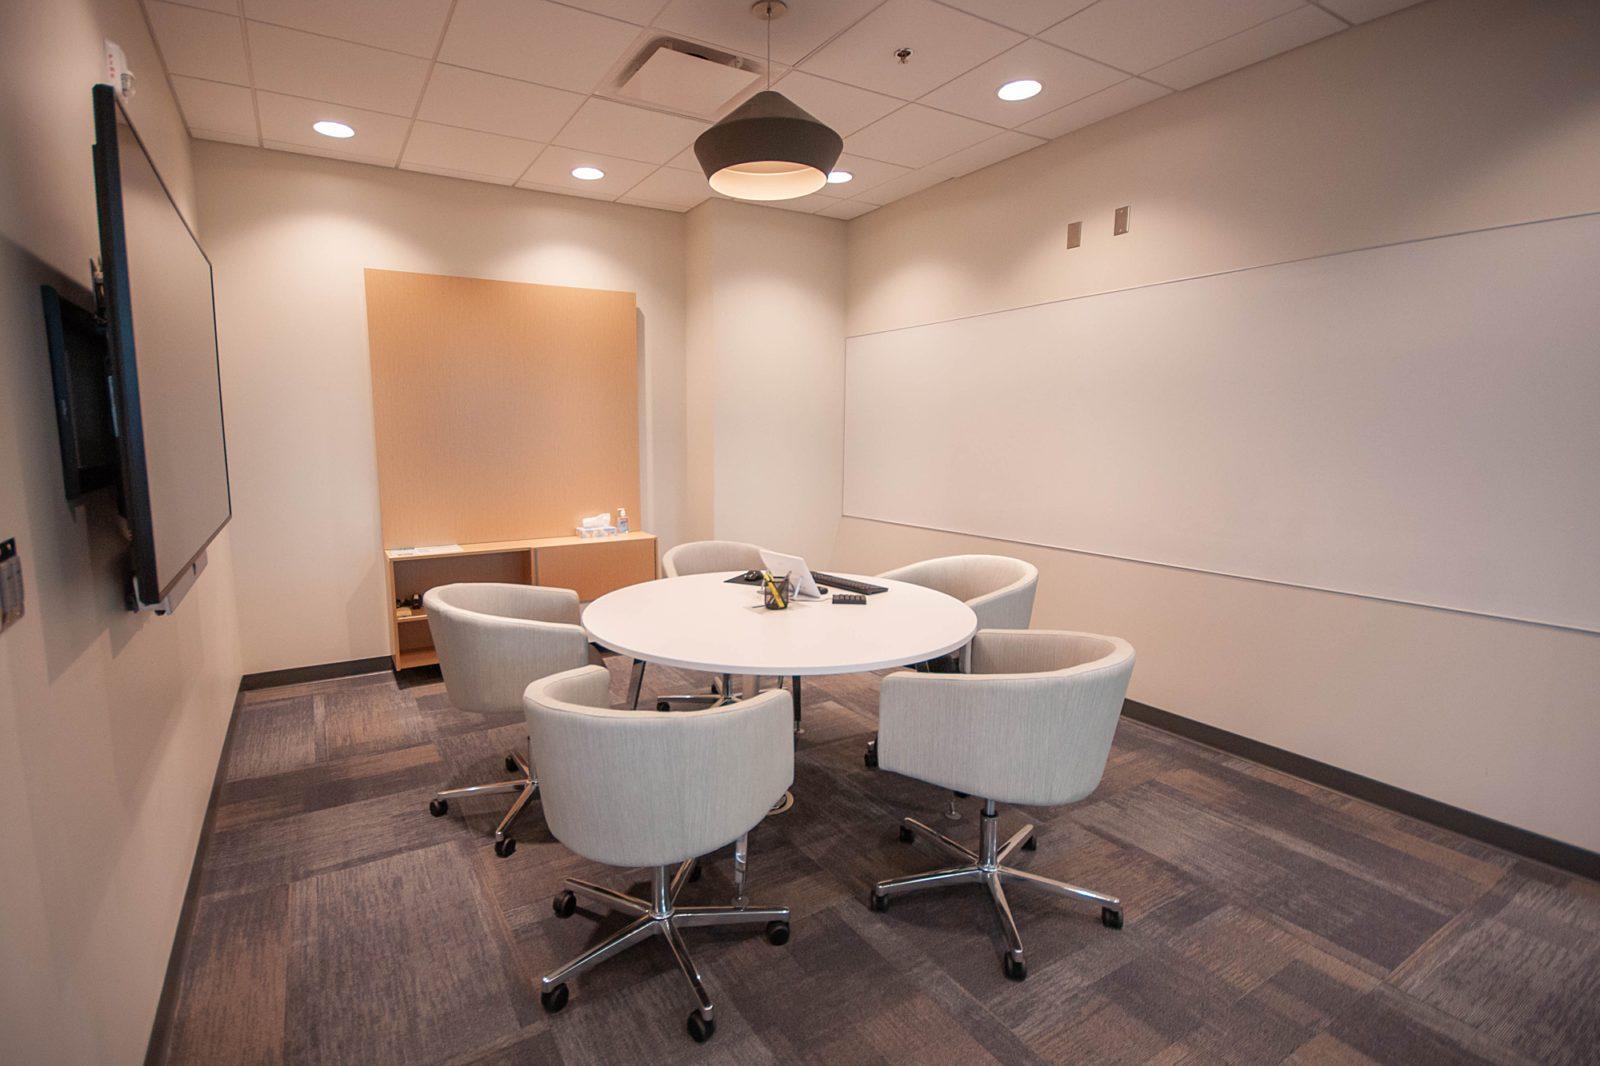 Academy Bank Lenexa Conference Room